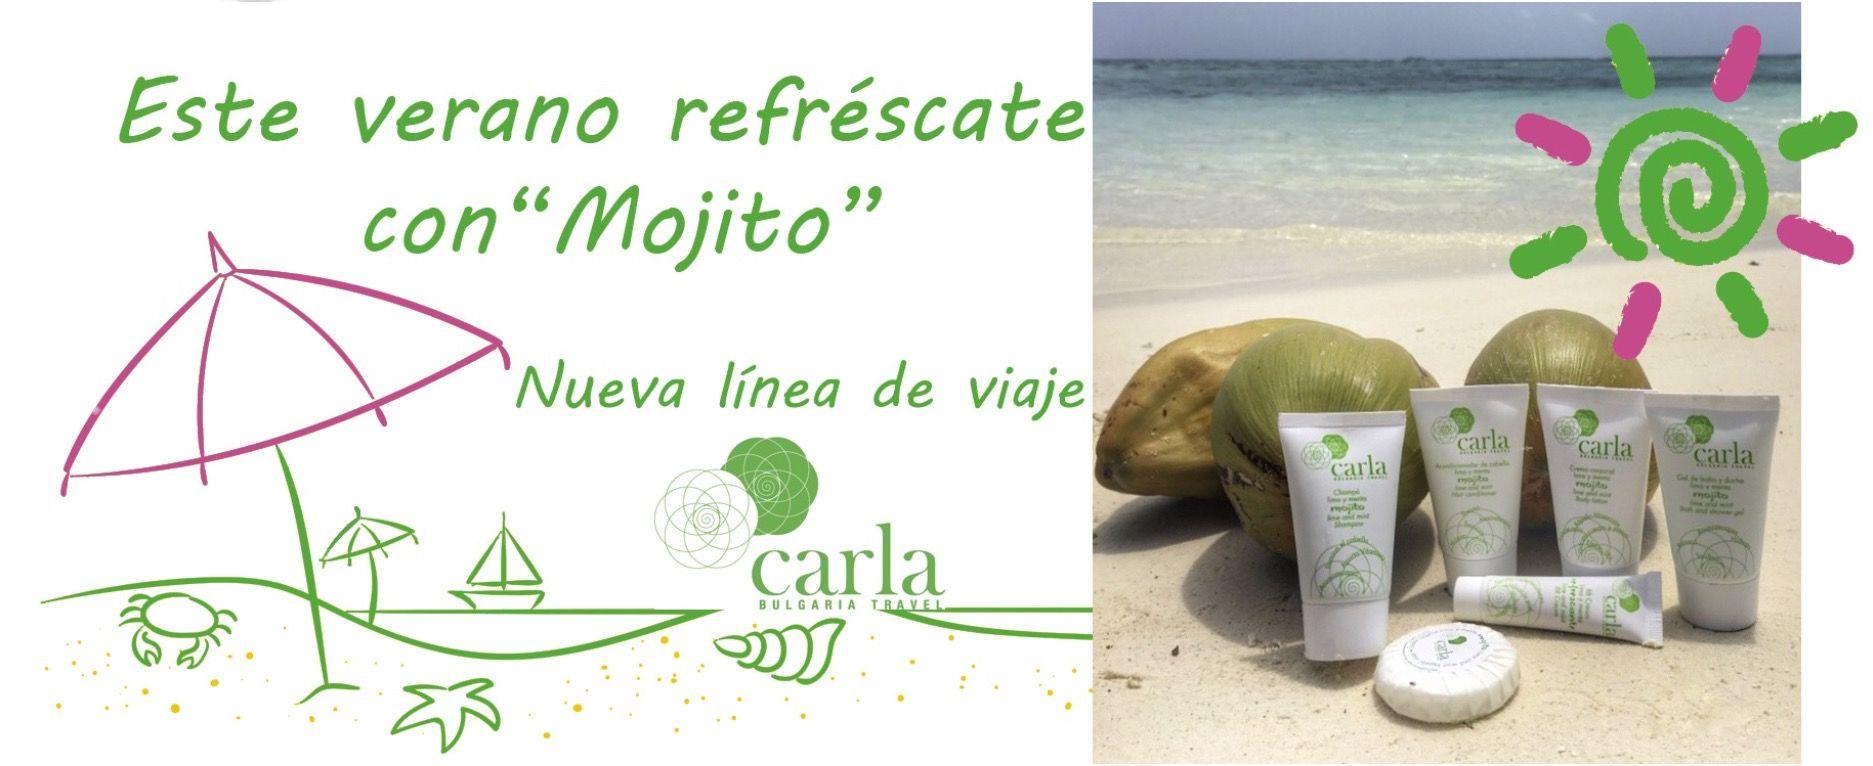 Muchos estábais esperando este momento y poder conseguir el Pack de Viaje Mojito de la nueva línea Carla Bulgaria Travel con aroma a lima y menta. Ya se puede adquirir en nuestra tienda on line...